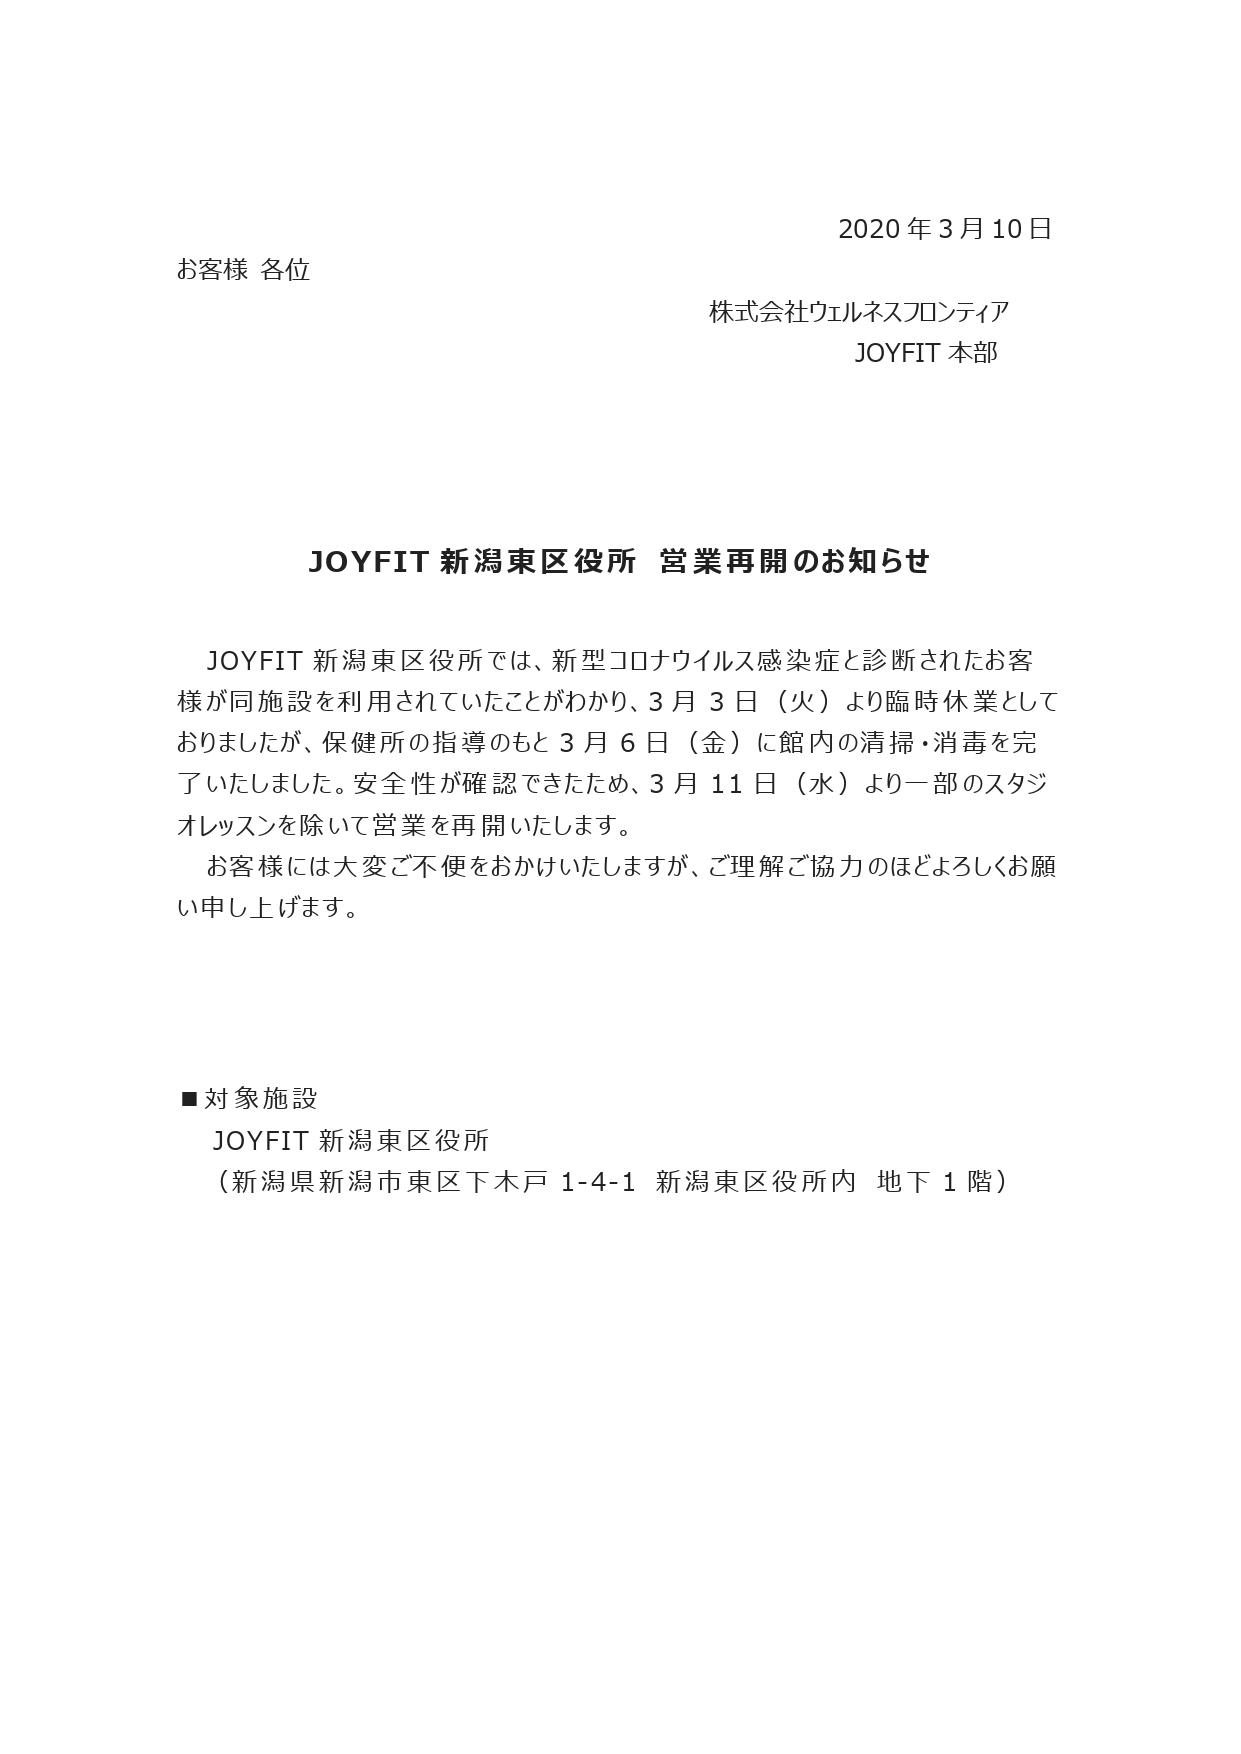 最新JOYFIT新潟東区役所 営業再開のお知らせ【杉谷】_page-0001